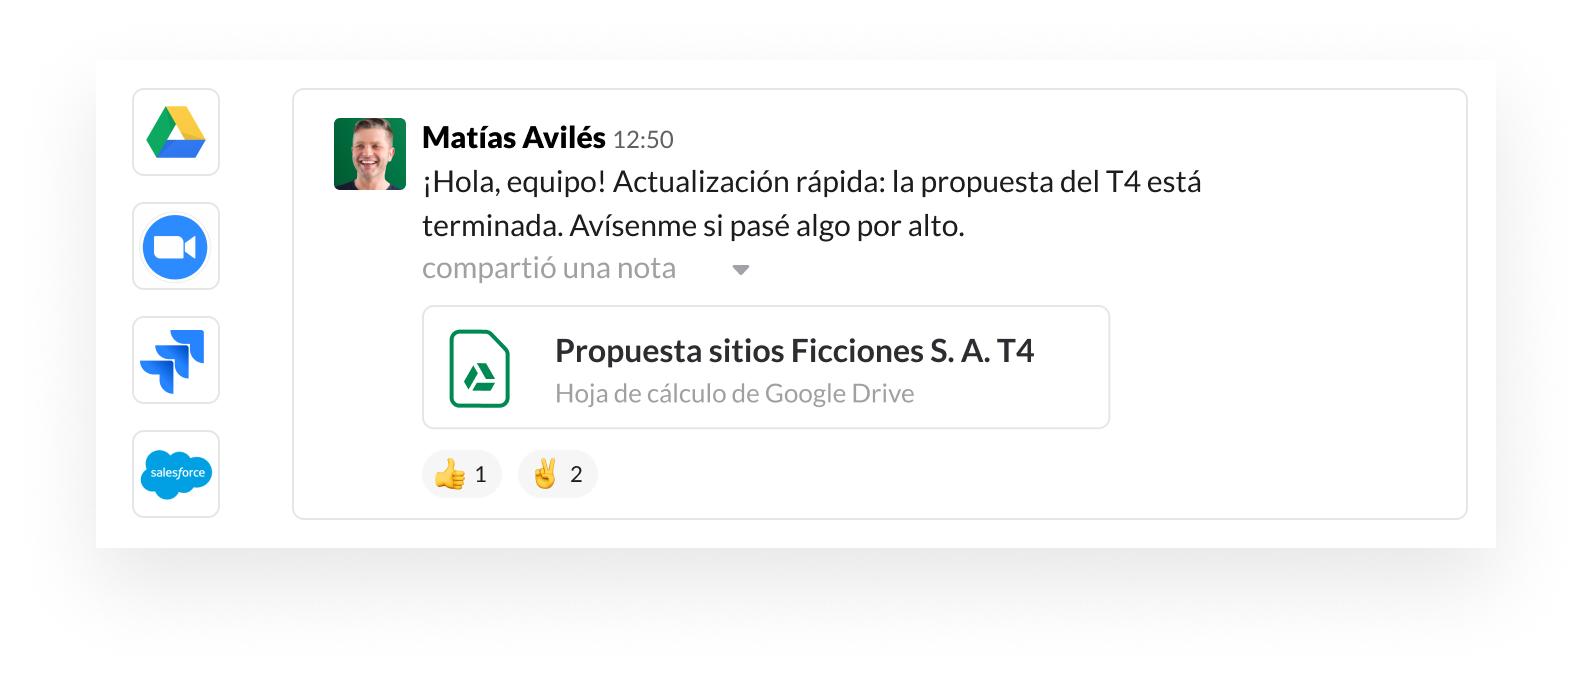 Imagen de la interfaz de usuario de Slack con iconos de socios de aplicaciones como Google, Zoom, Jira y Salesforce